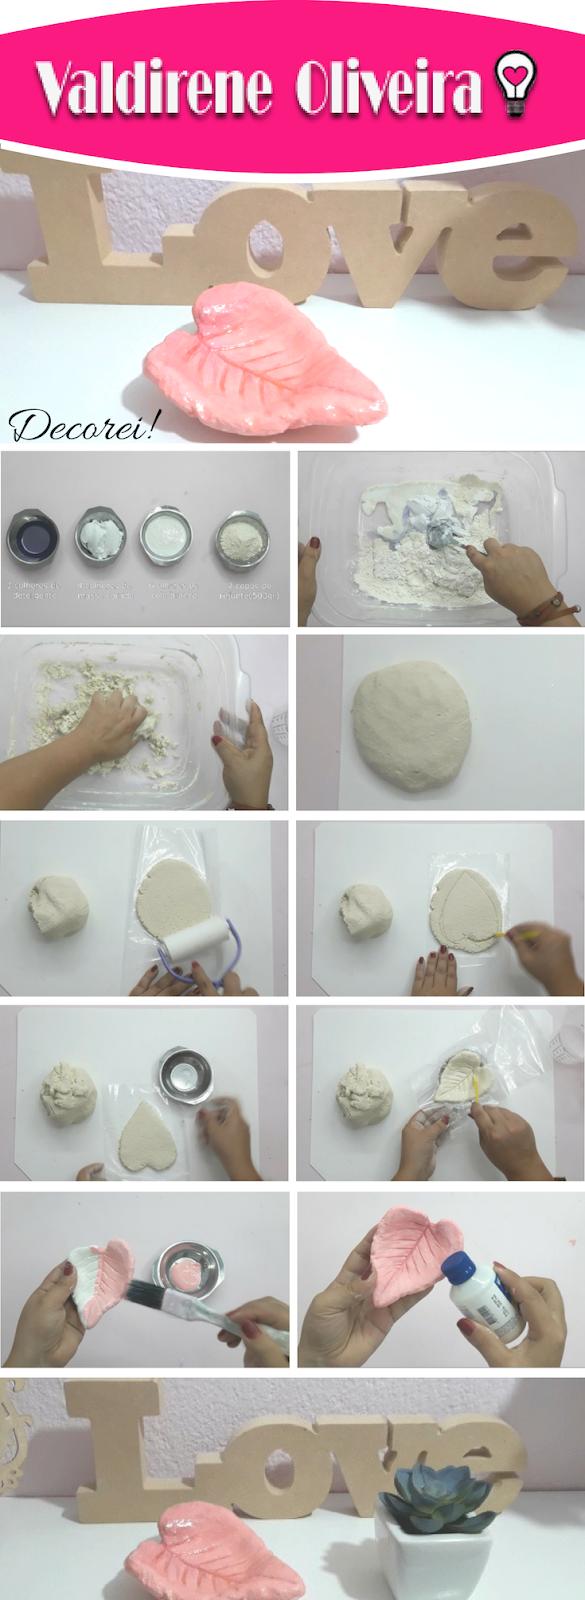 Como modelar com massa de artesanato